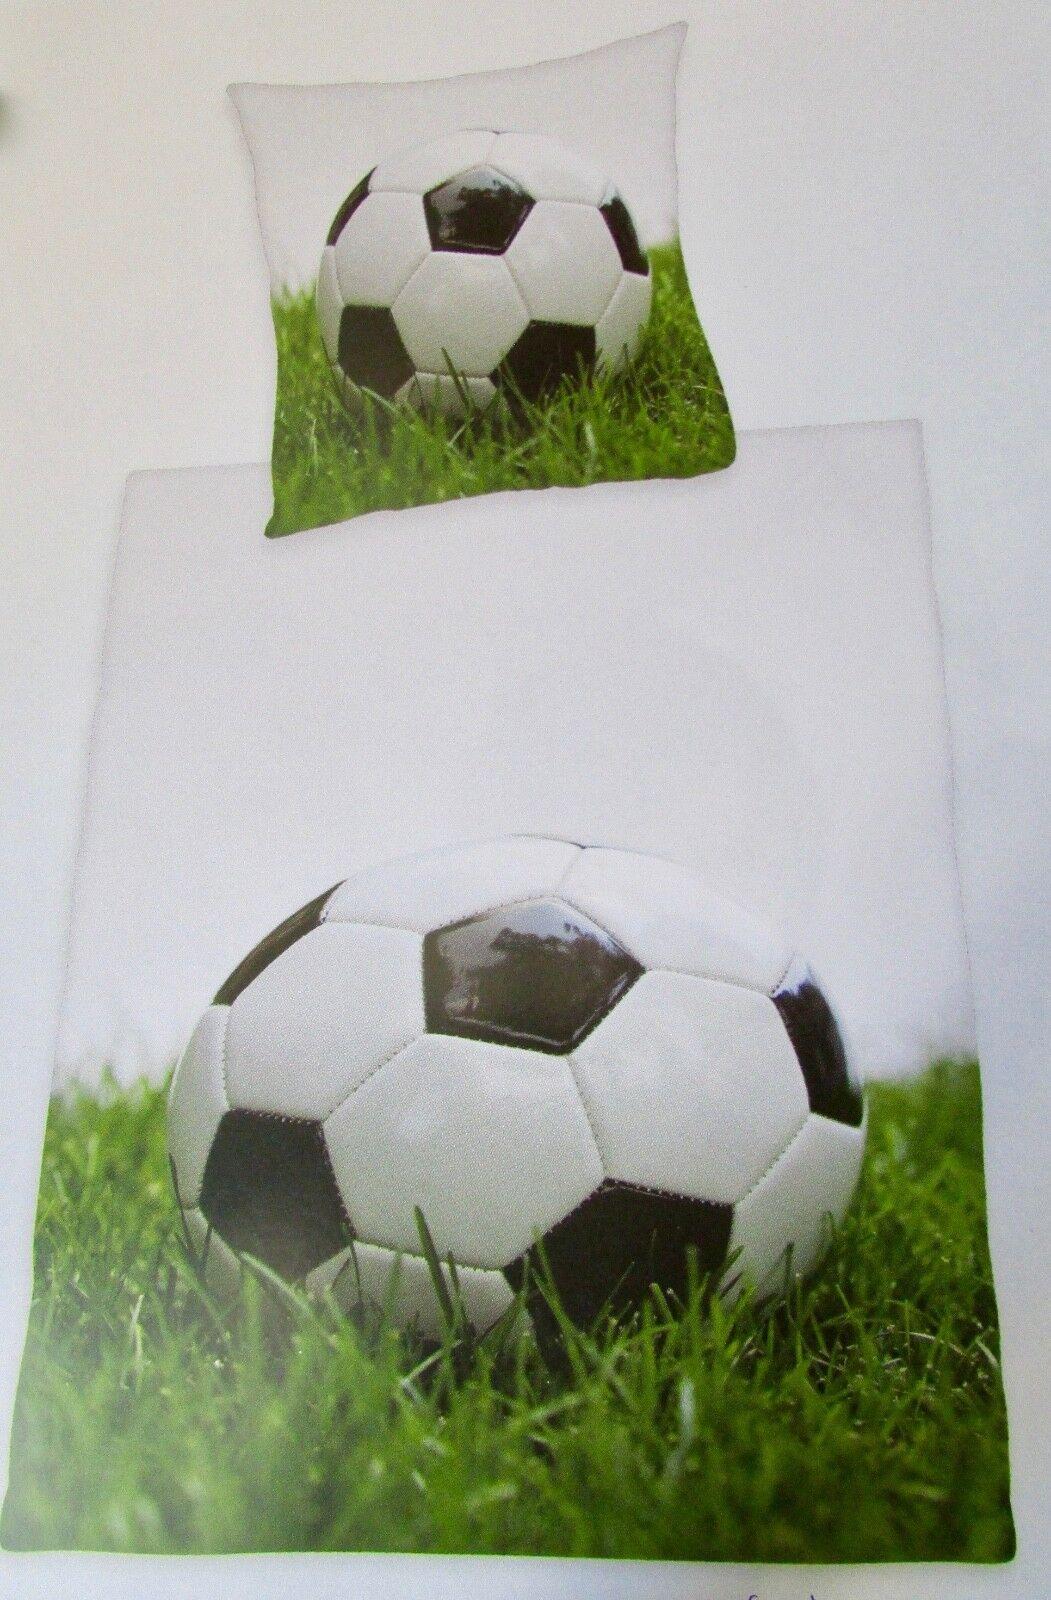 Bettwäsche Set  Fußball  Bettwäschegarnitur Bettbezug Kissenbezug 100% Baumwolle